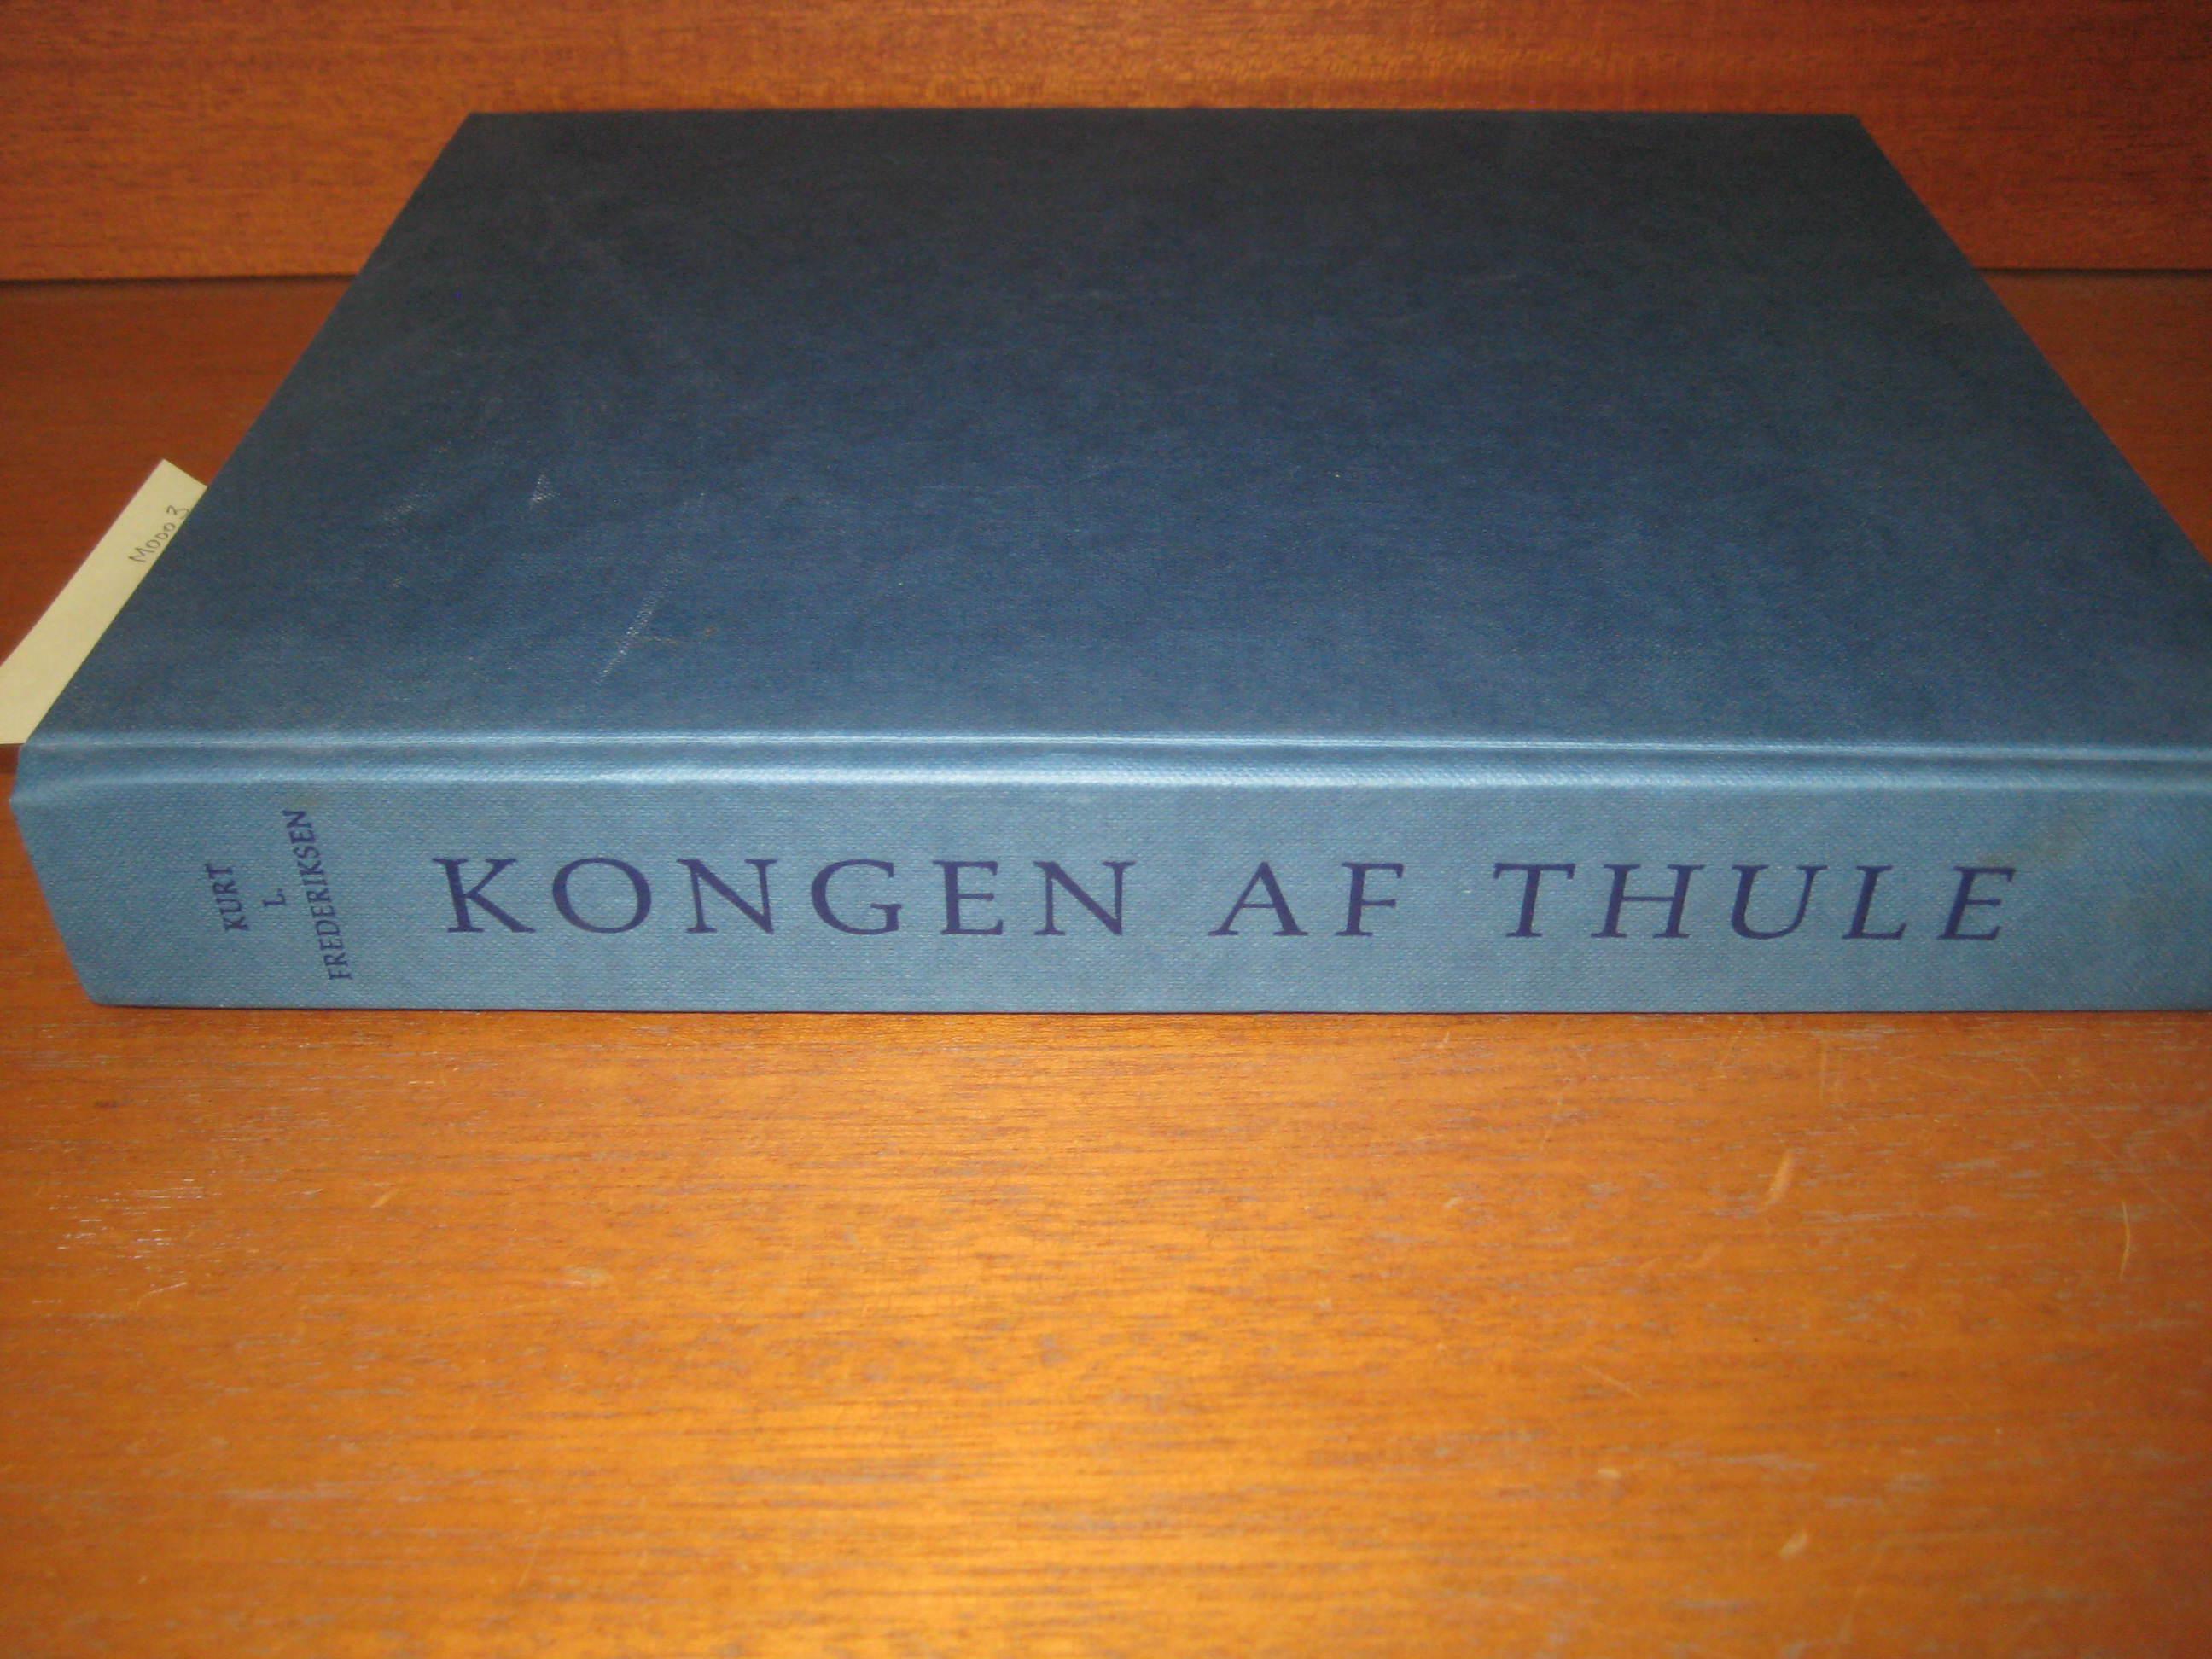 Knud Rasmussen, Kongen af Thule